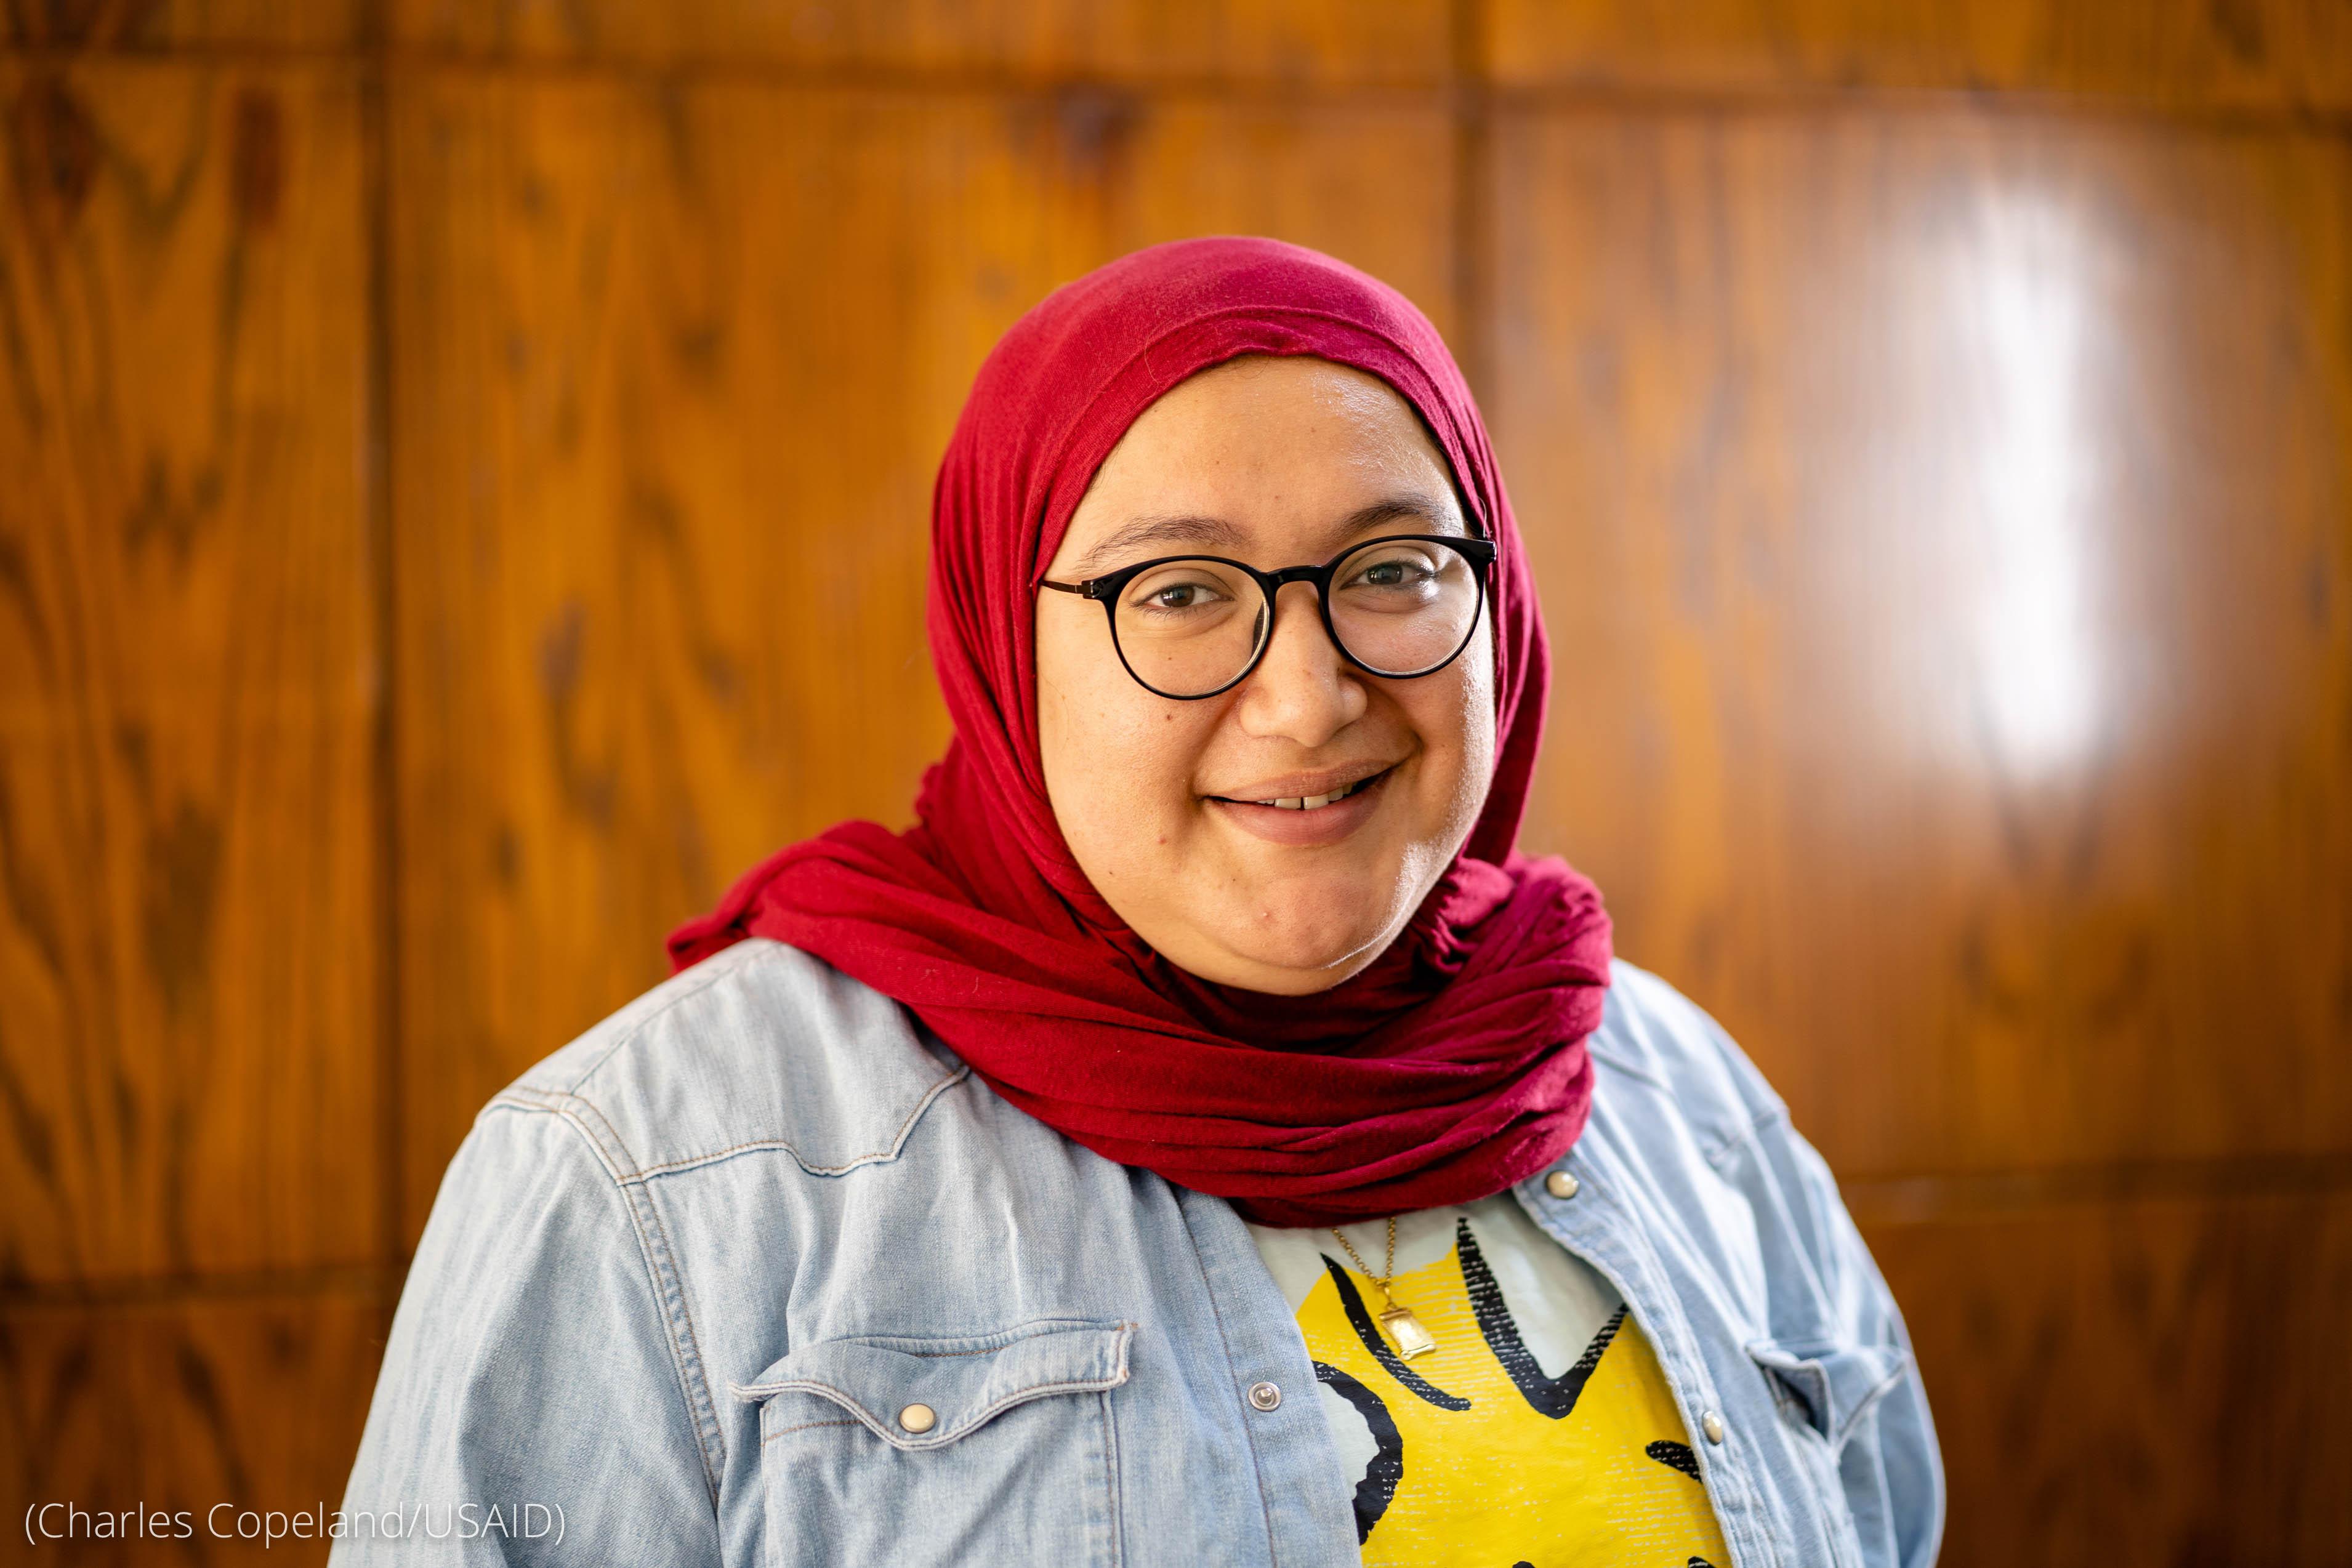 Foto de Doaa Aref com hijab, sorrindo (Charles Copeland/Usaid)